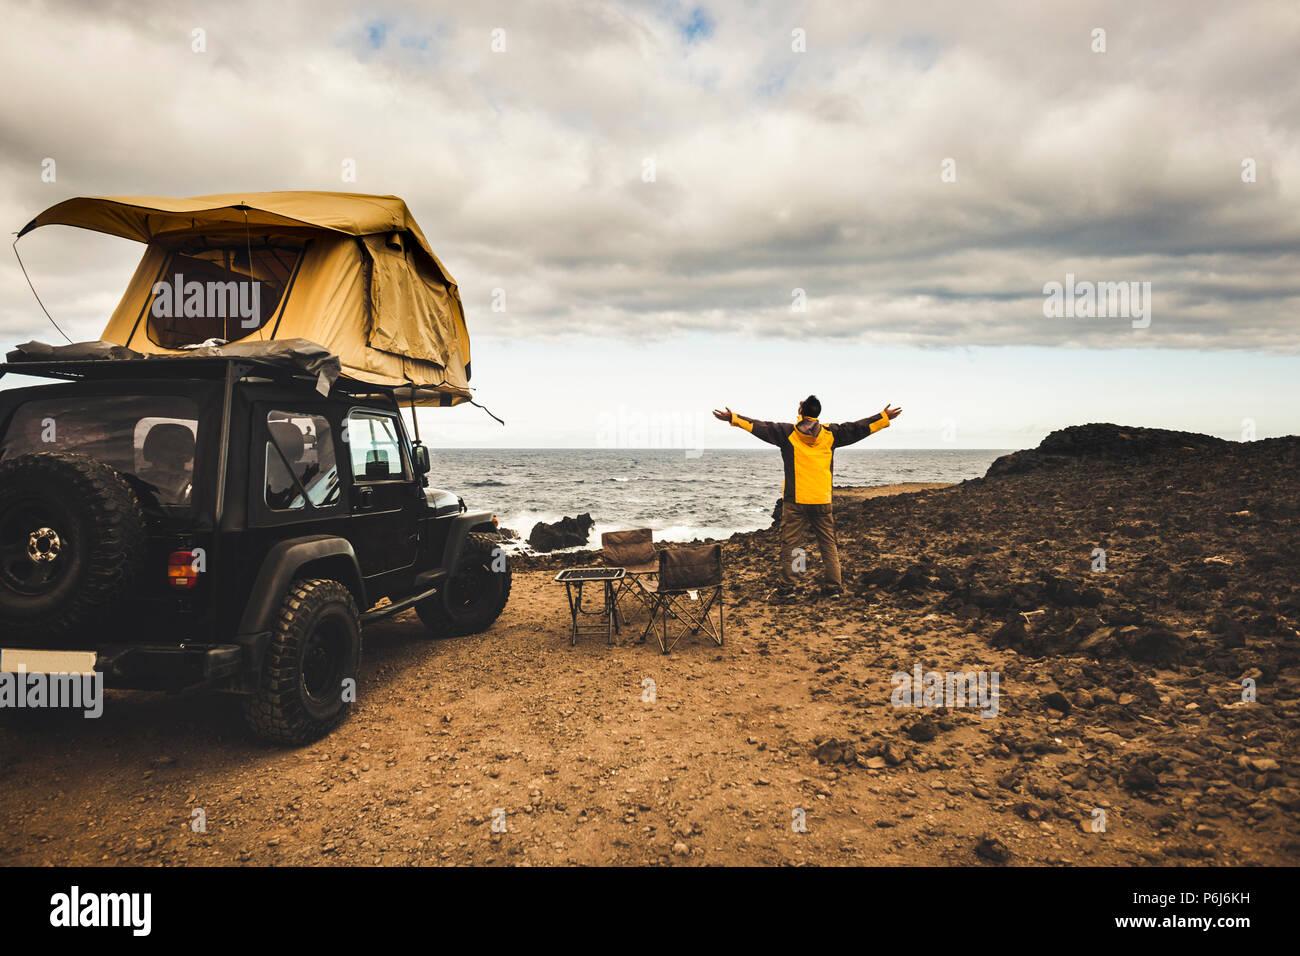 Abenteurer Mann in Reise mit off road Auto und Dachzelt Freiheit und Explorer Konzept zu genießen. Die Welt leben in der Nähe der Macht der Th entdecken Stockbild